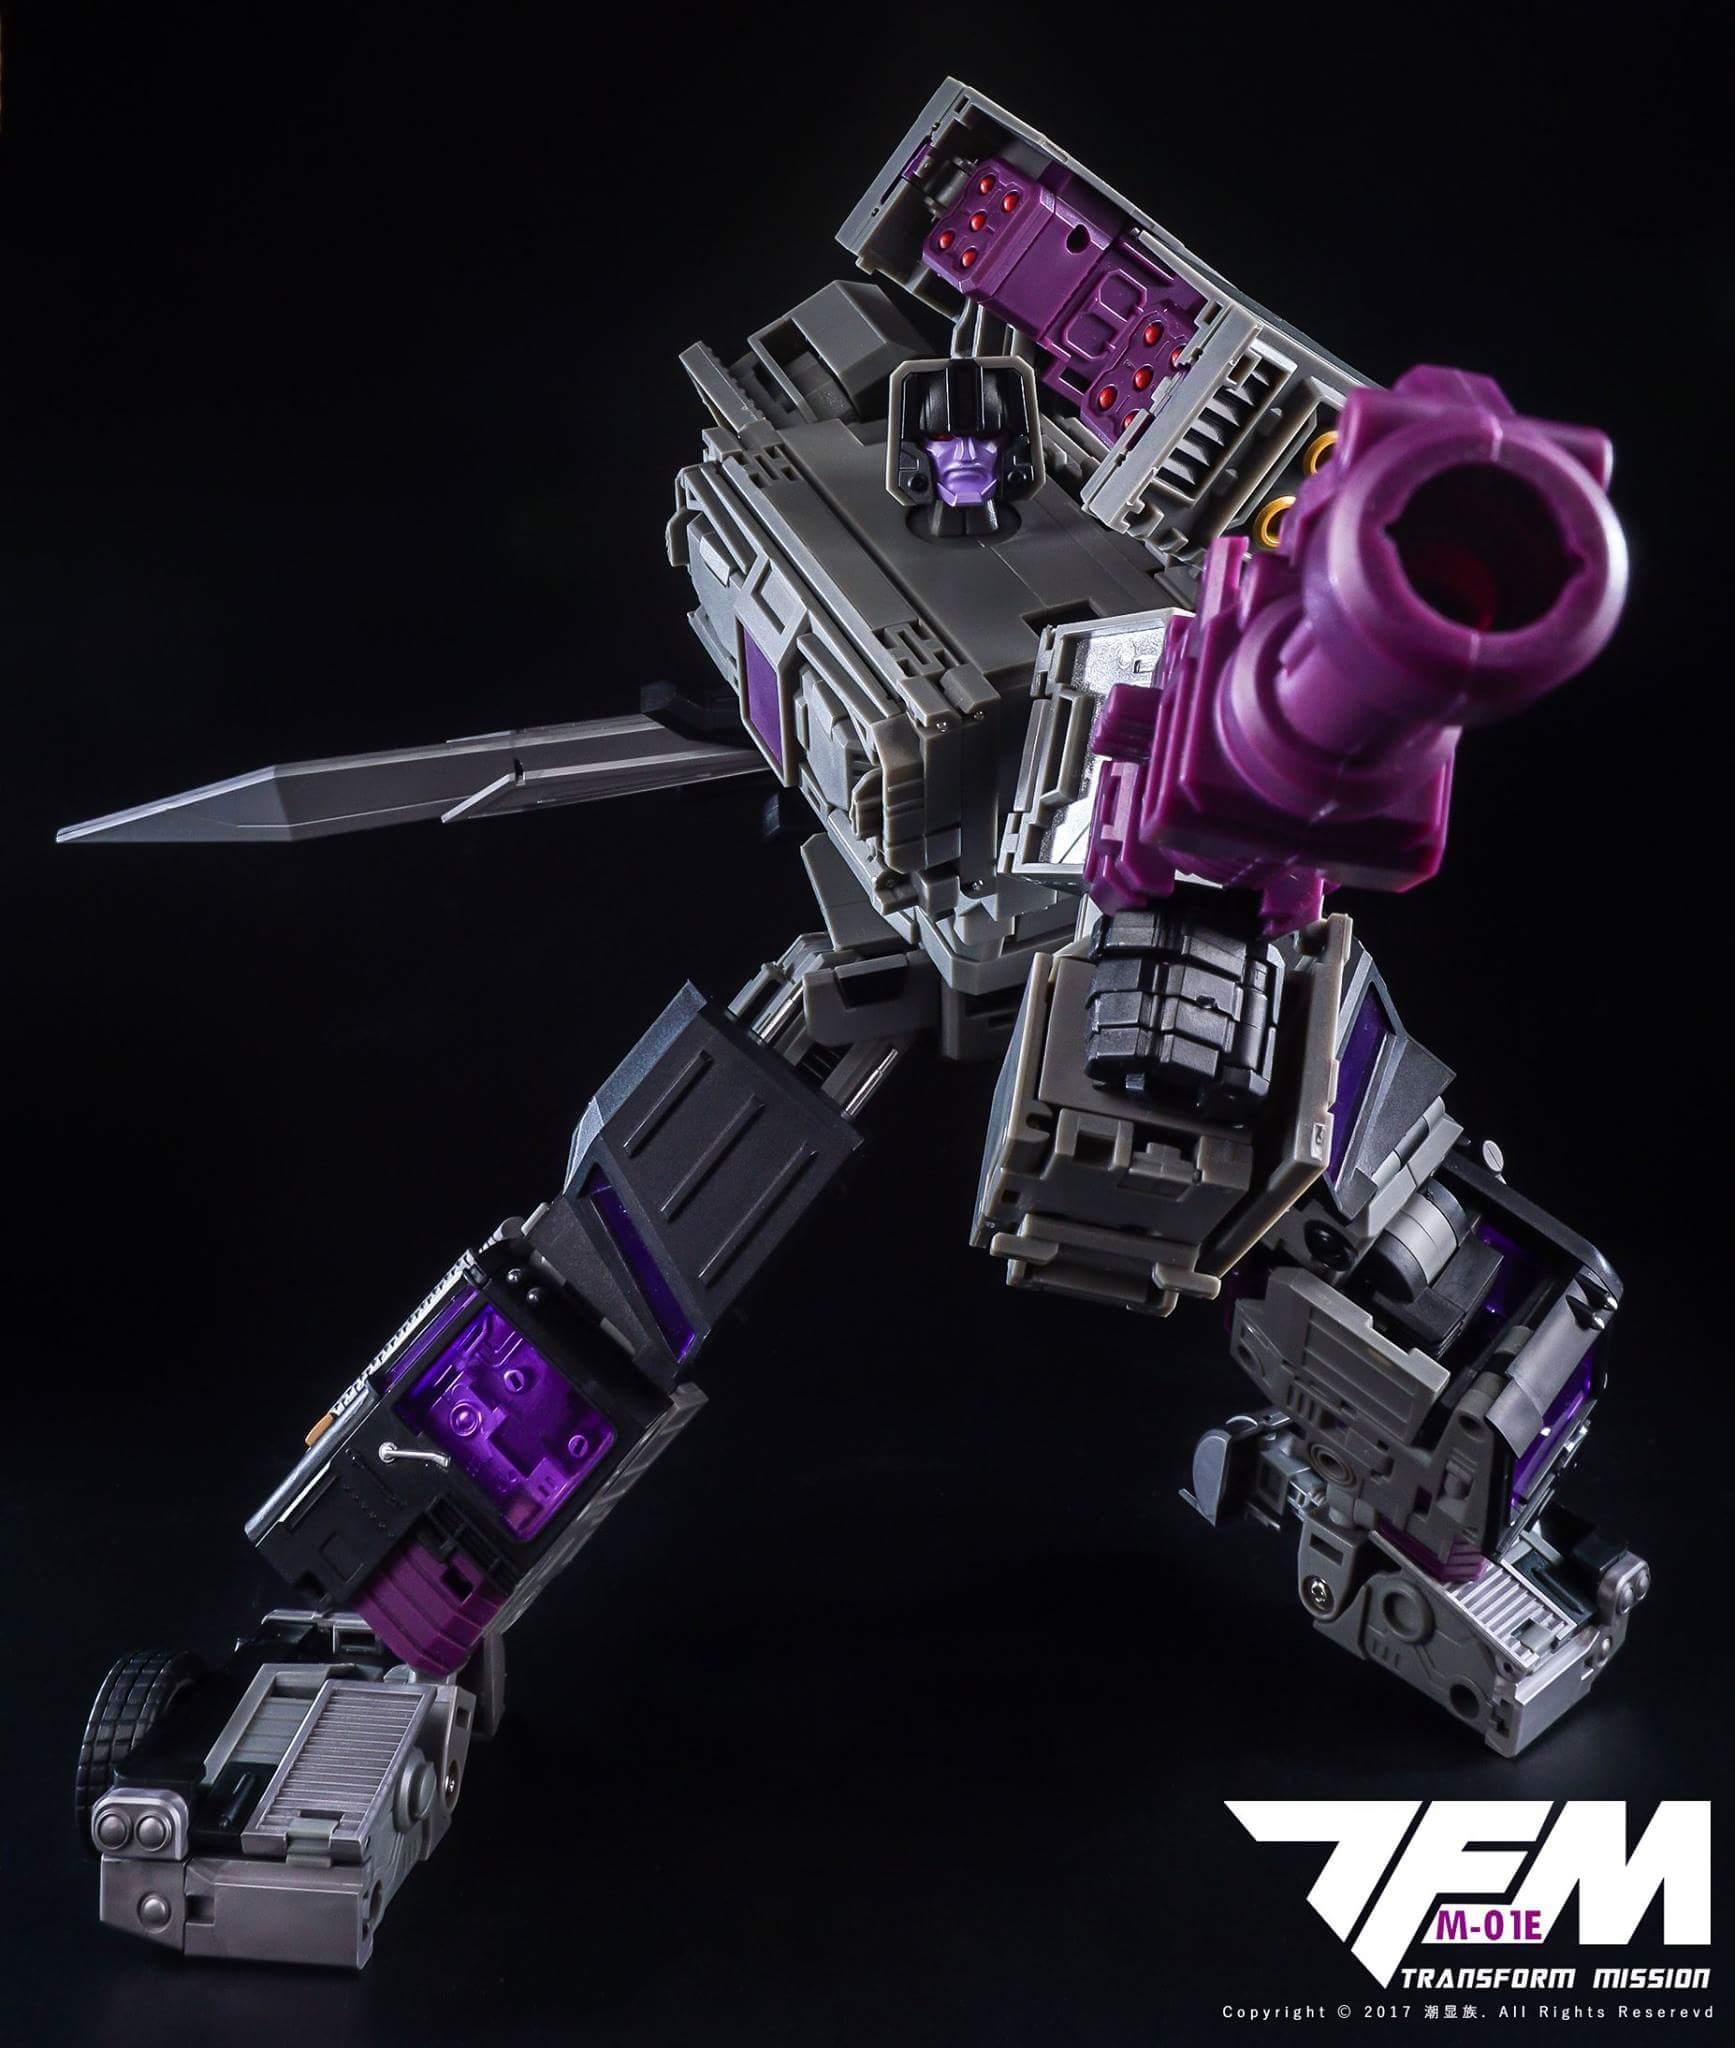 [Transform Mission] Produit Tiers - Jouet M-01 AutoSamurai - aka Menasor/Menaseur des BD IDW - Page 4 HZqdh7Vo